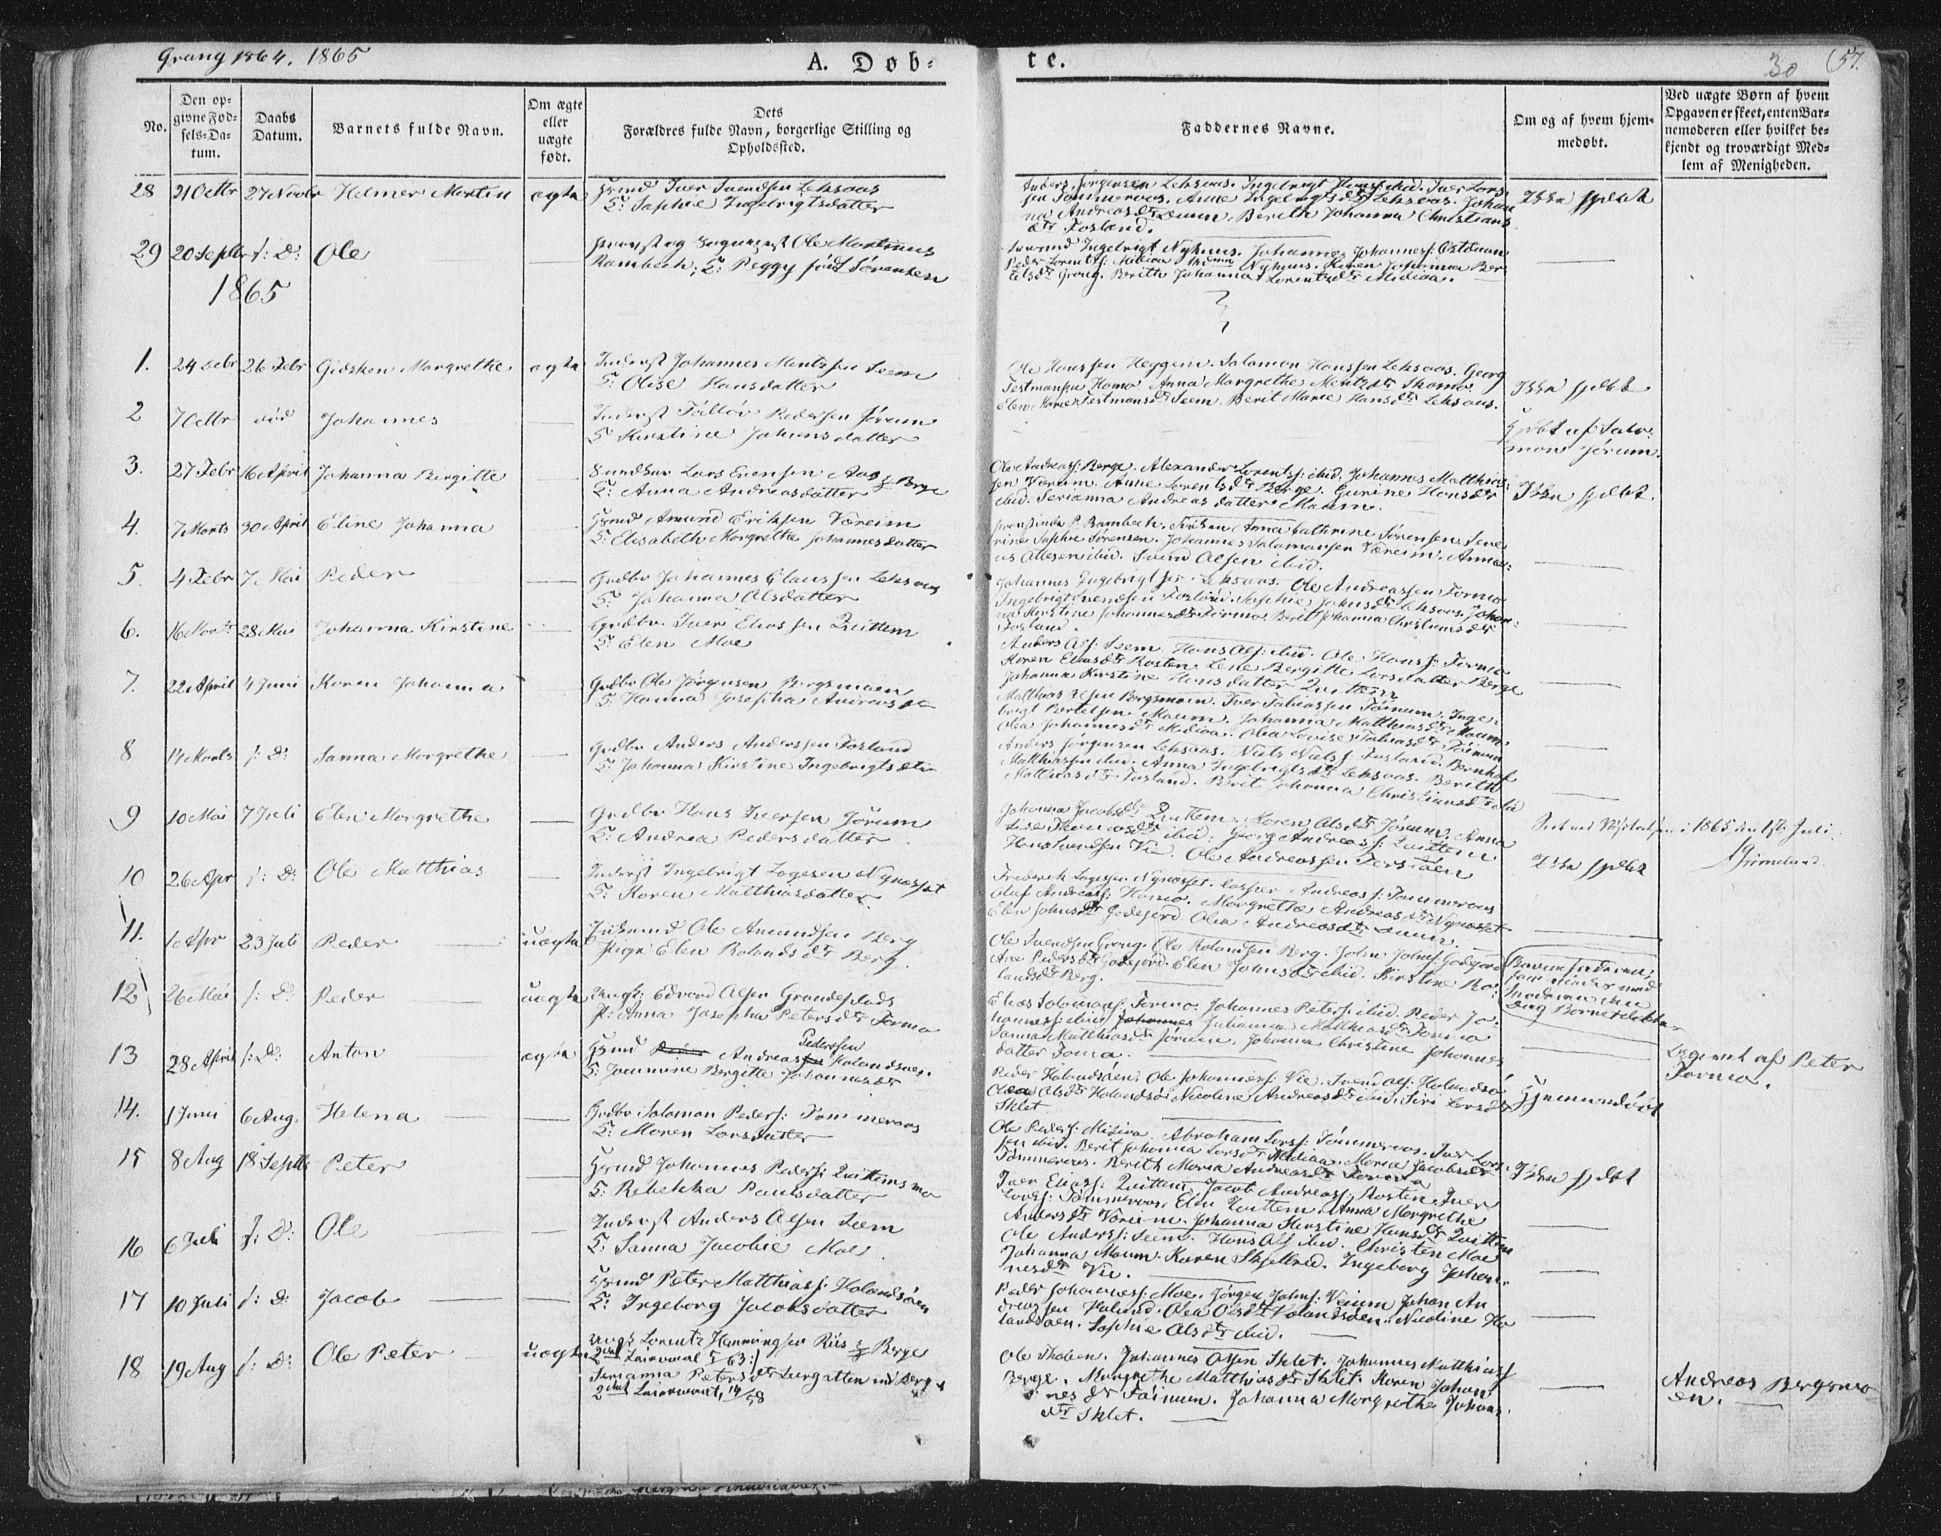 SAT, Ministerialprotokoller, klokkerbøker og fødselsregistre - Nord-Trøndelag, 758/L0513: Ministerialbok nr. 758A02 /1, 1839-1868, s. 30